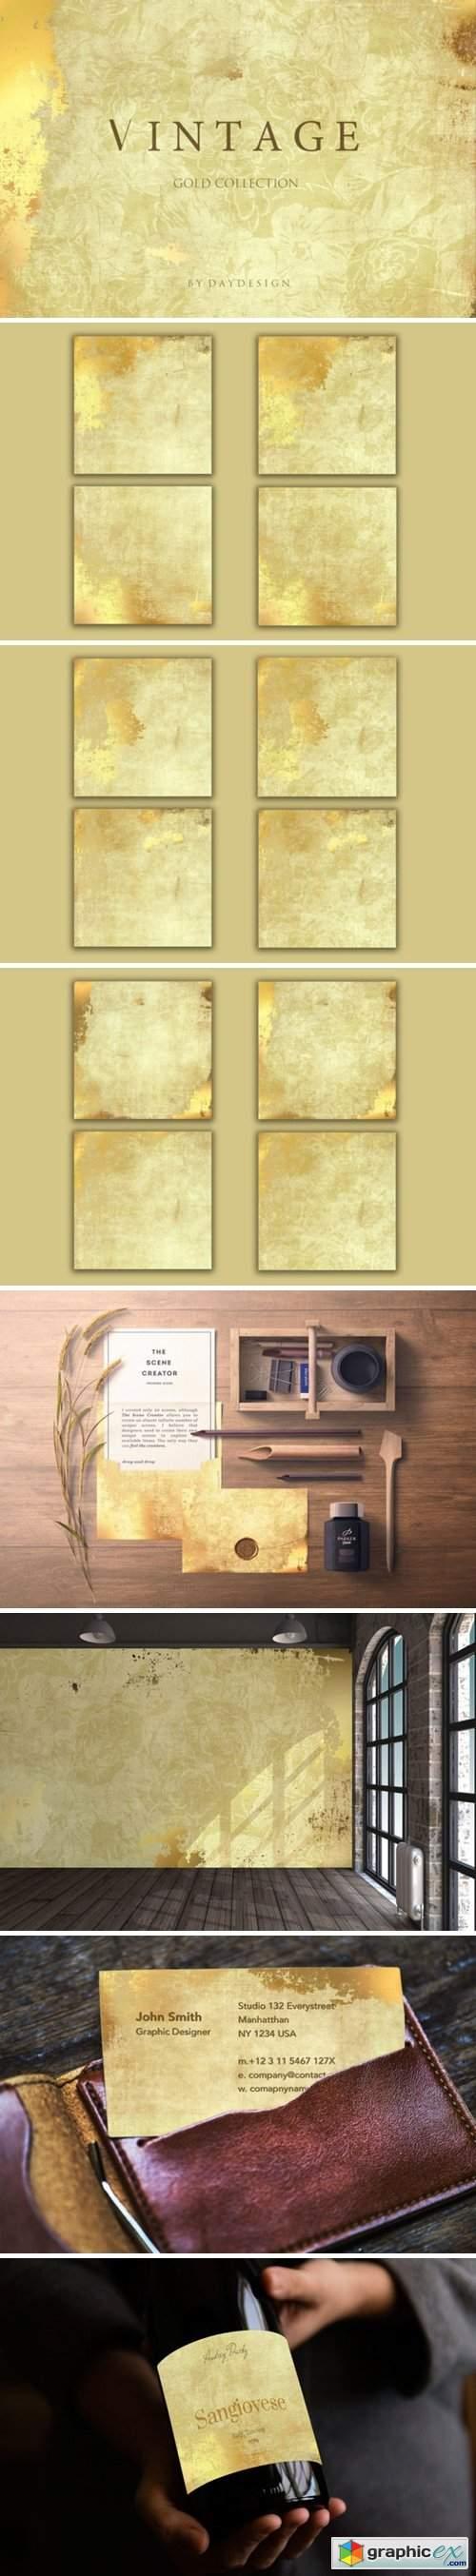 Vintage Gold Digital Paper